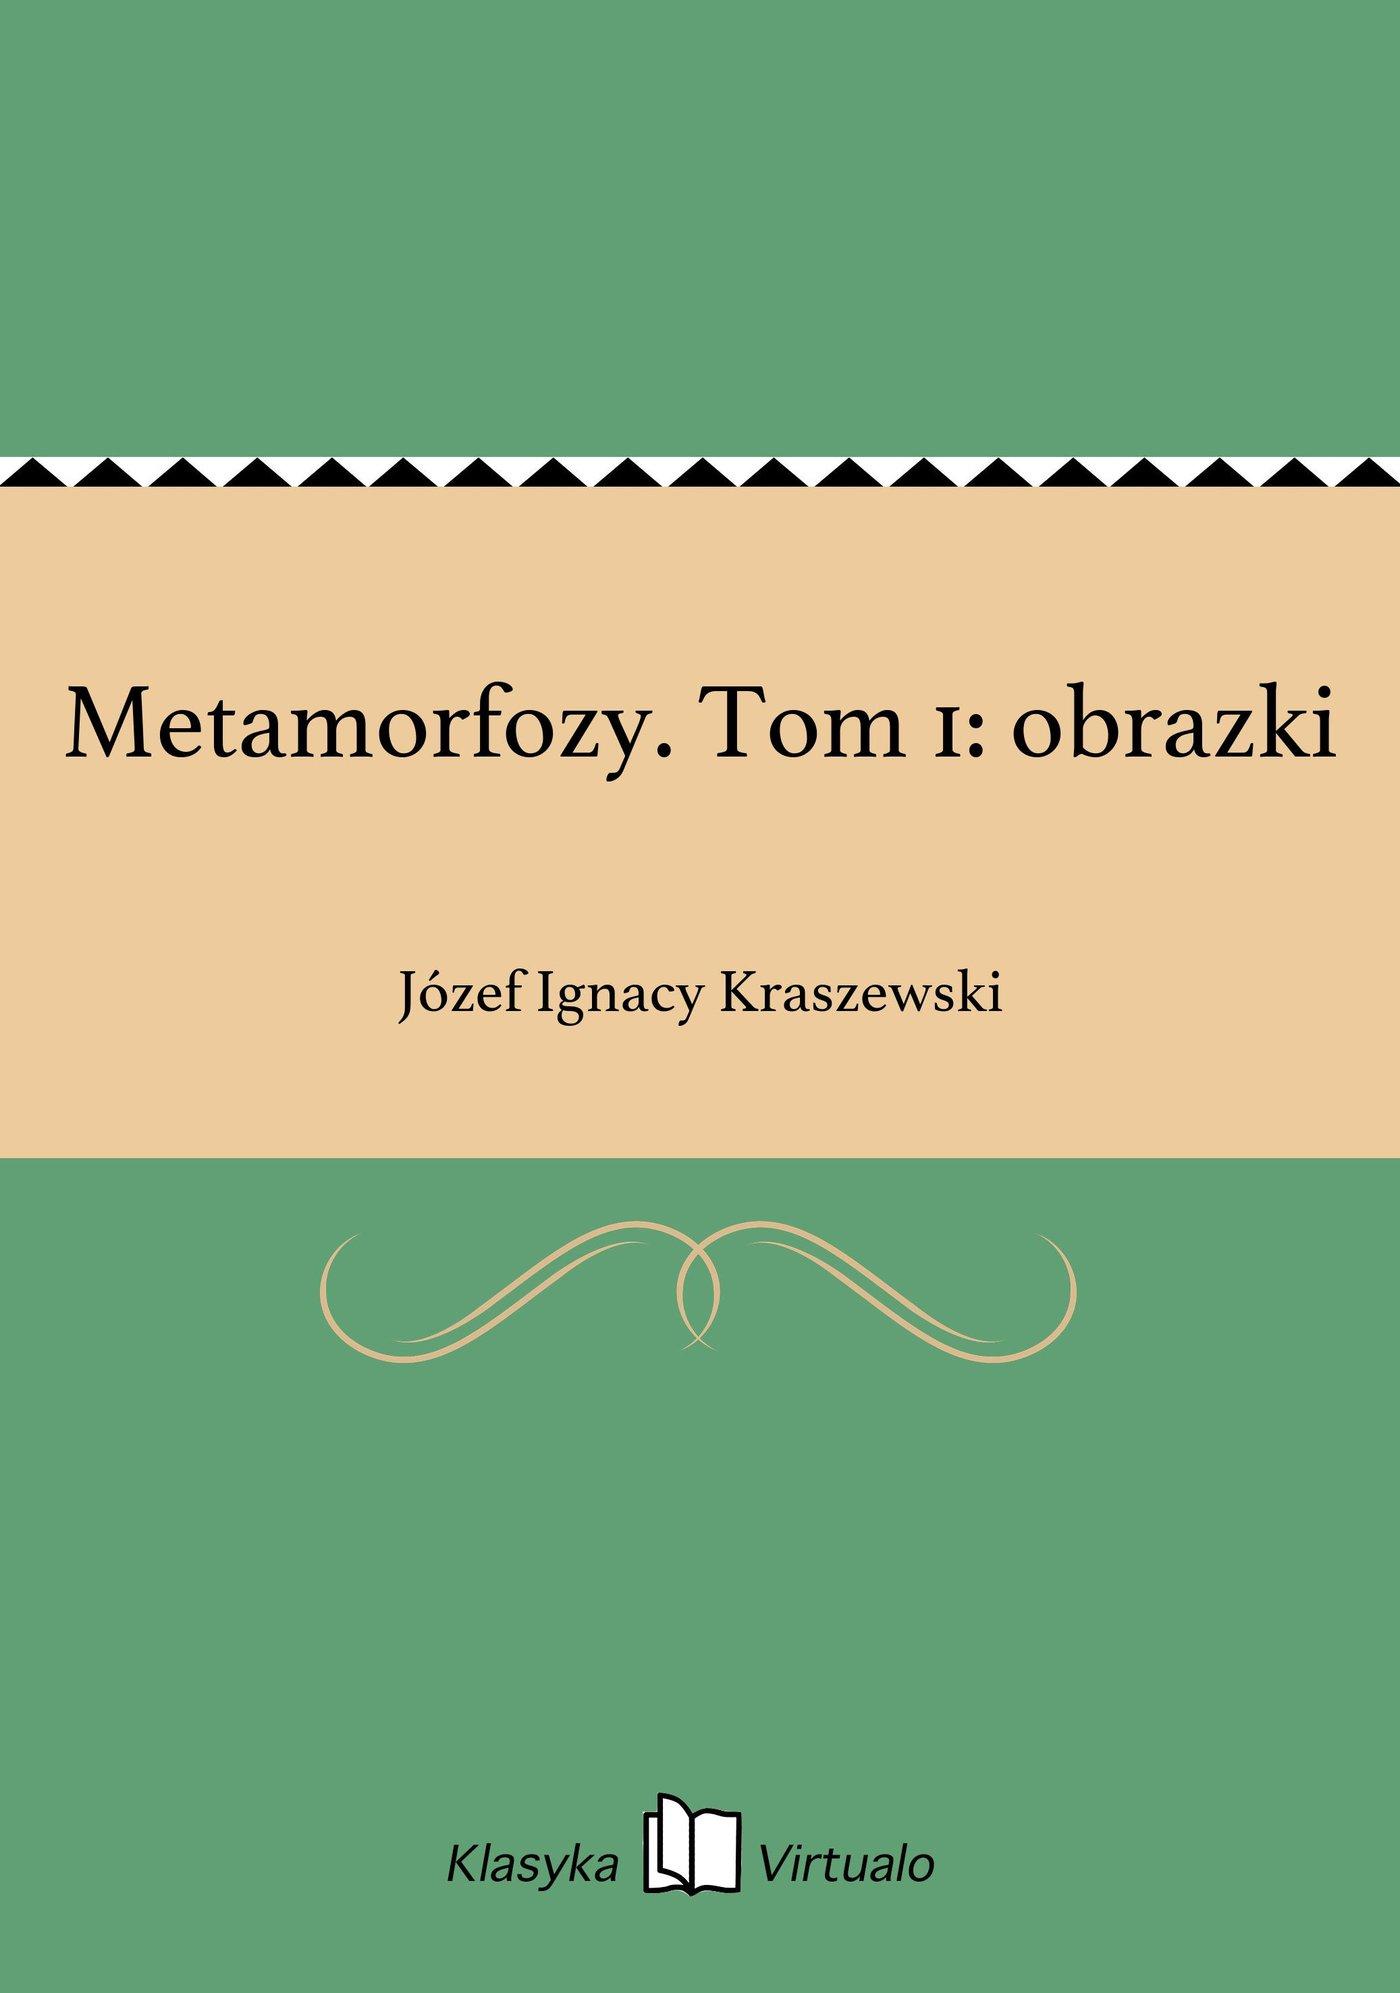 Metamorfozy. Tom 1: obrazki - Ebook (Książka EPUB) do pobrania w formacie EPUB